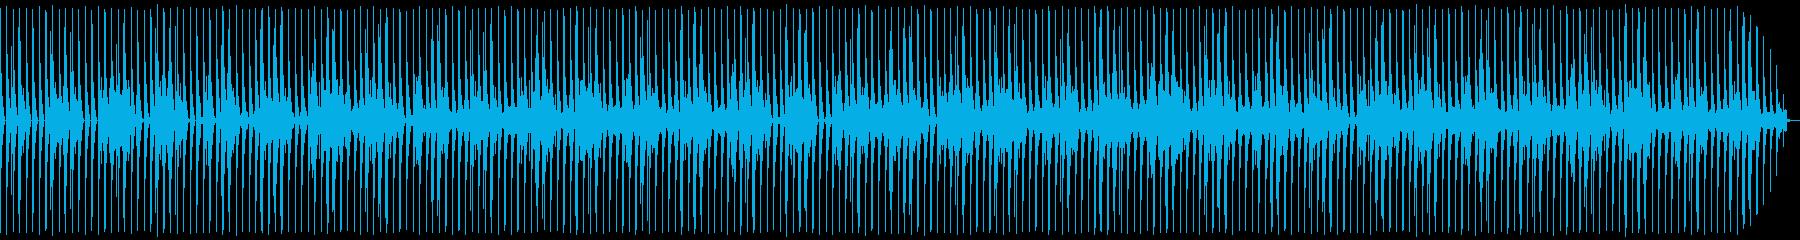 アップテンポなボイスパーカッションの再生済みの波形